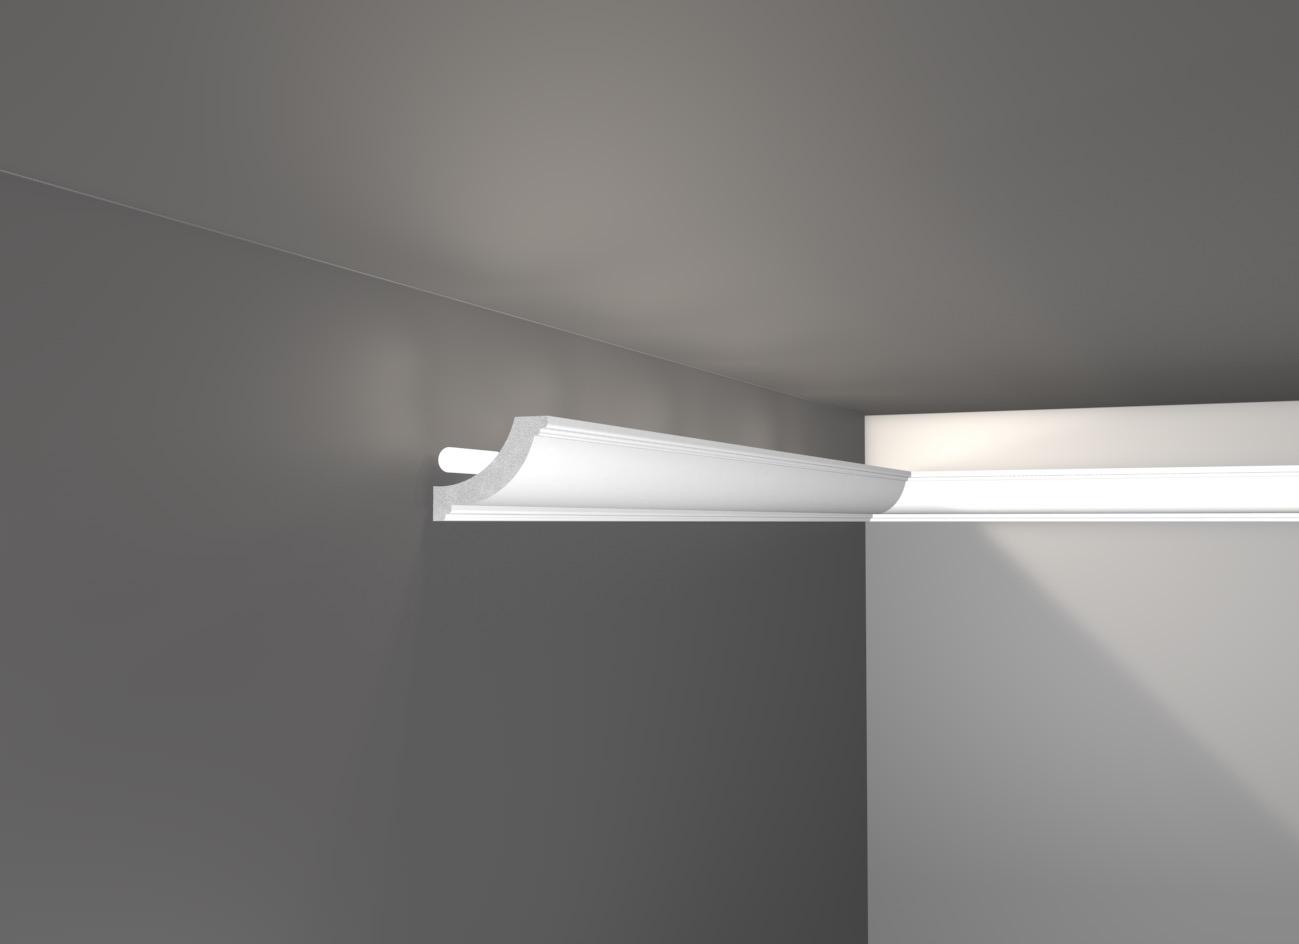 E 79 - Veletta cornice in polistirene gessato bianco - Decorget - Ital Decori - Image 0